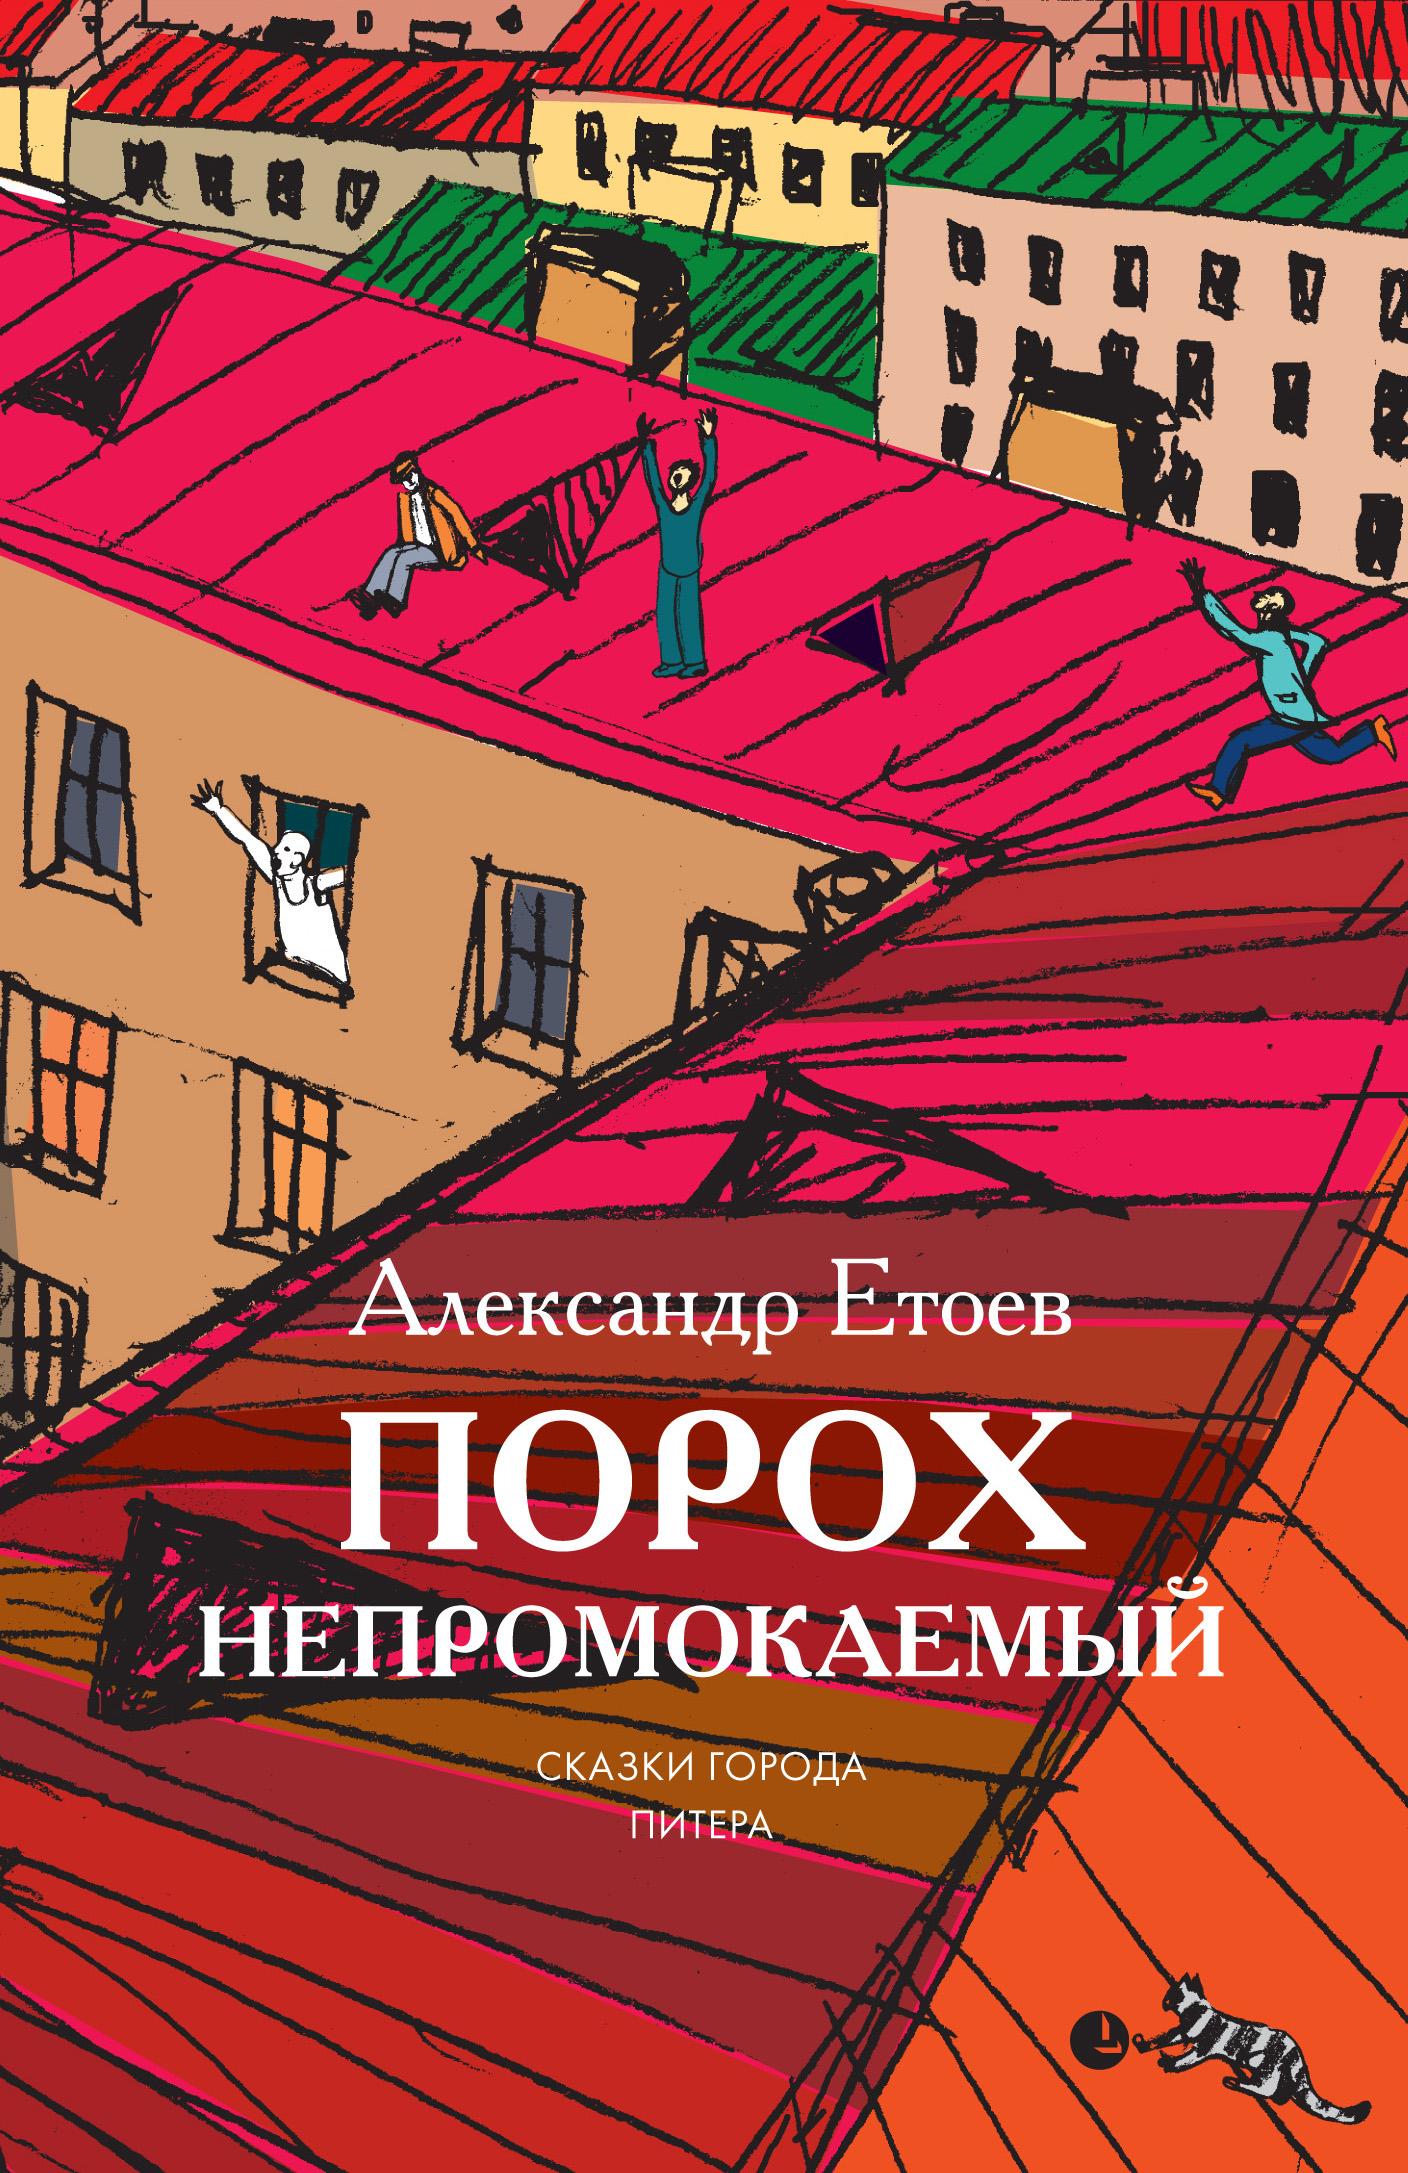 Александр Етоев Порох непромокаемый (сборник) александр етоев парашют вертикального взлета